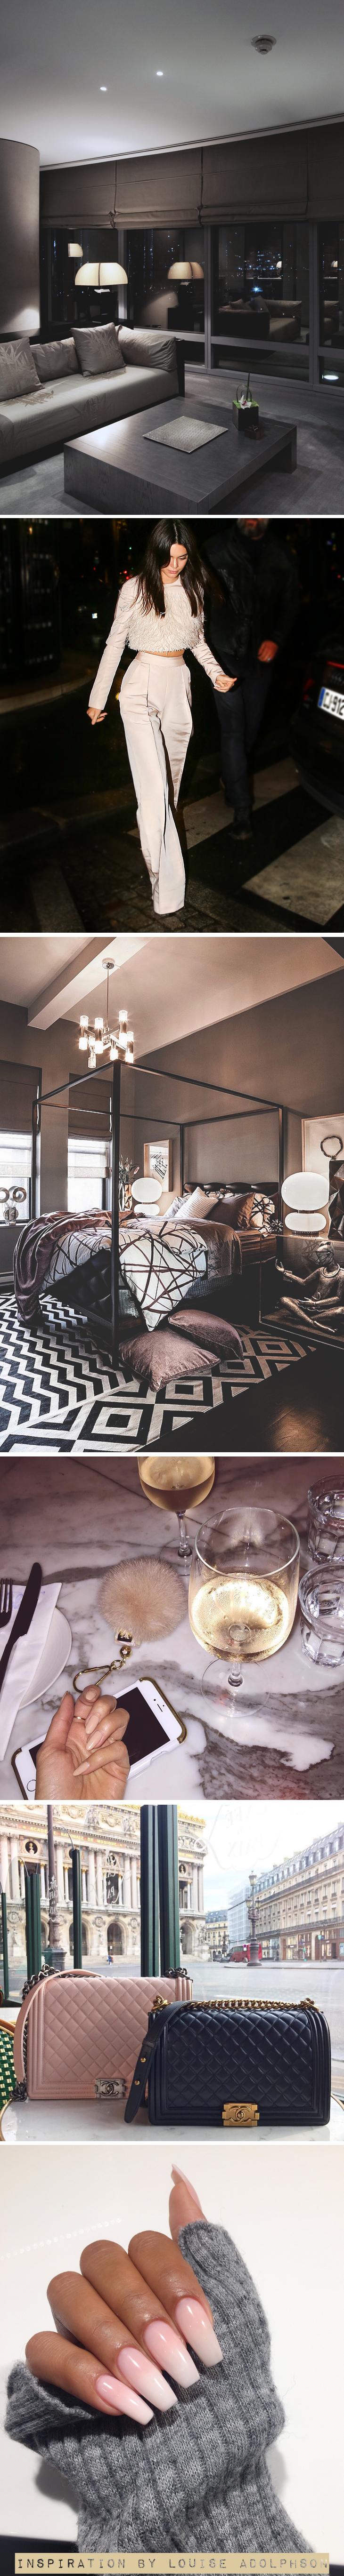 Inspiration luxury glamour